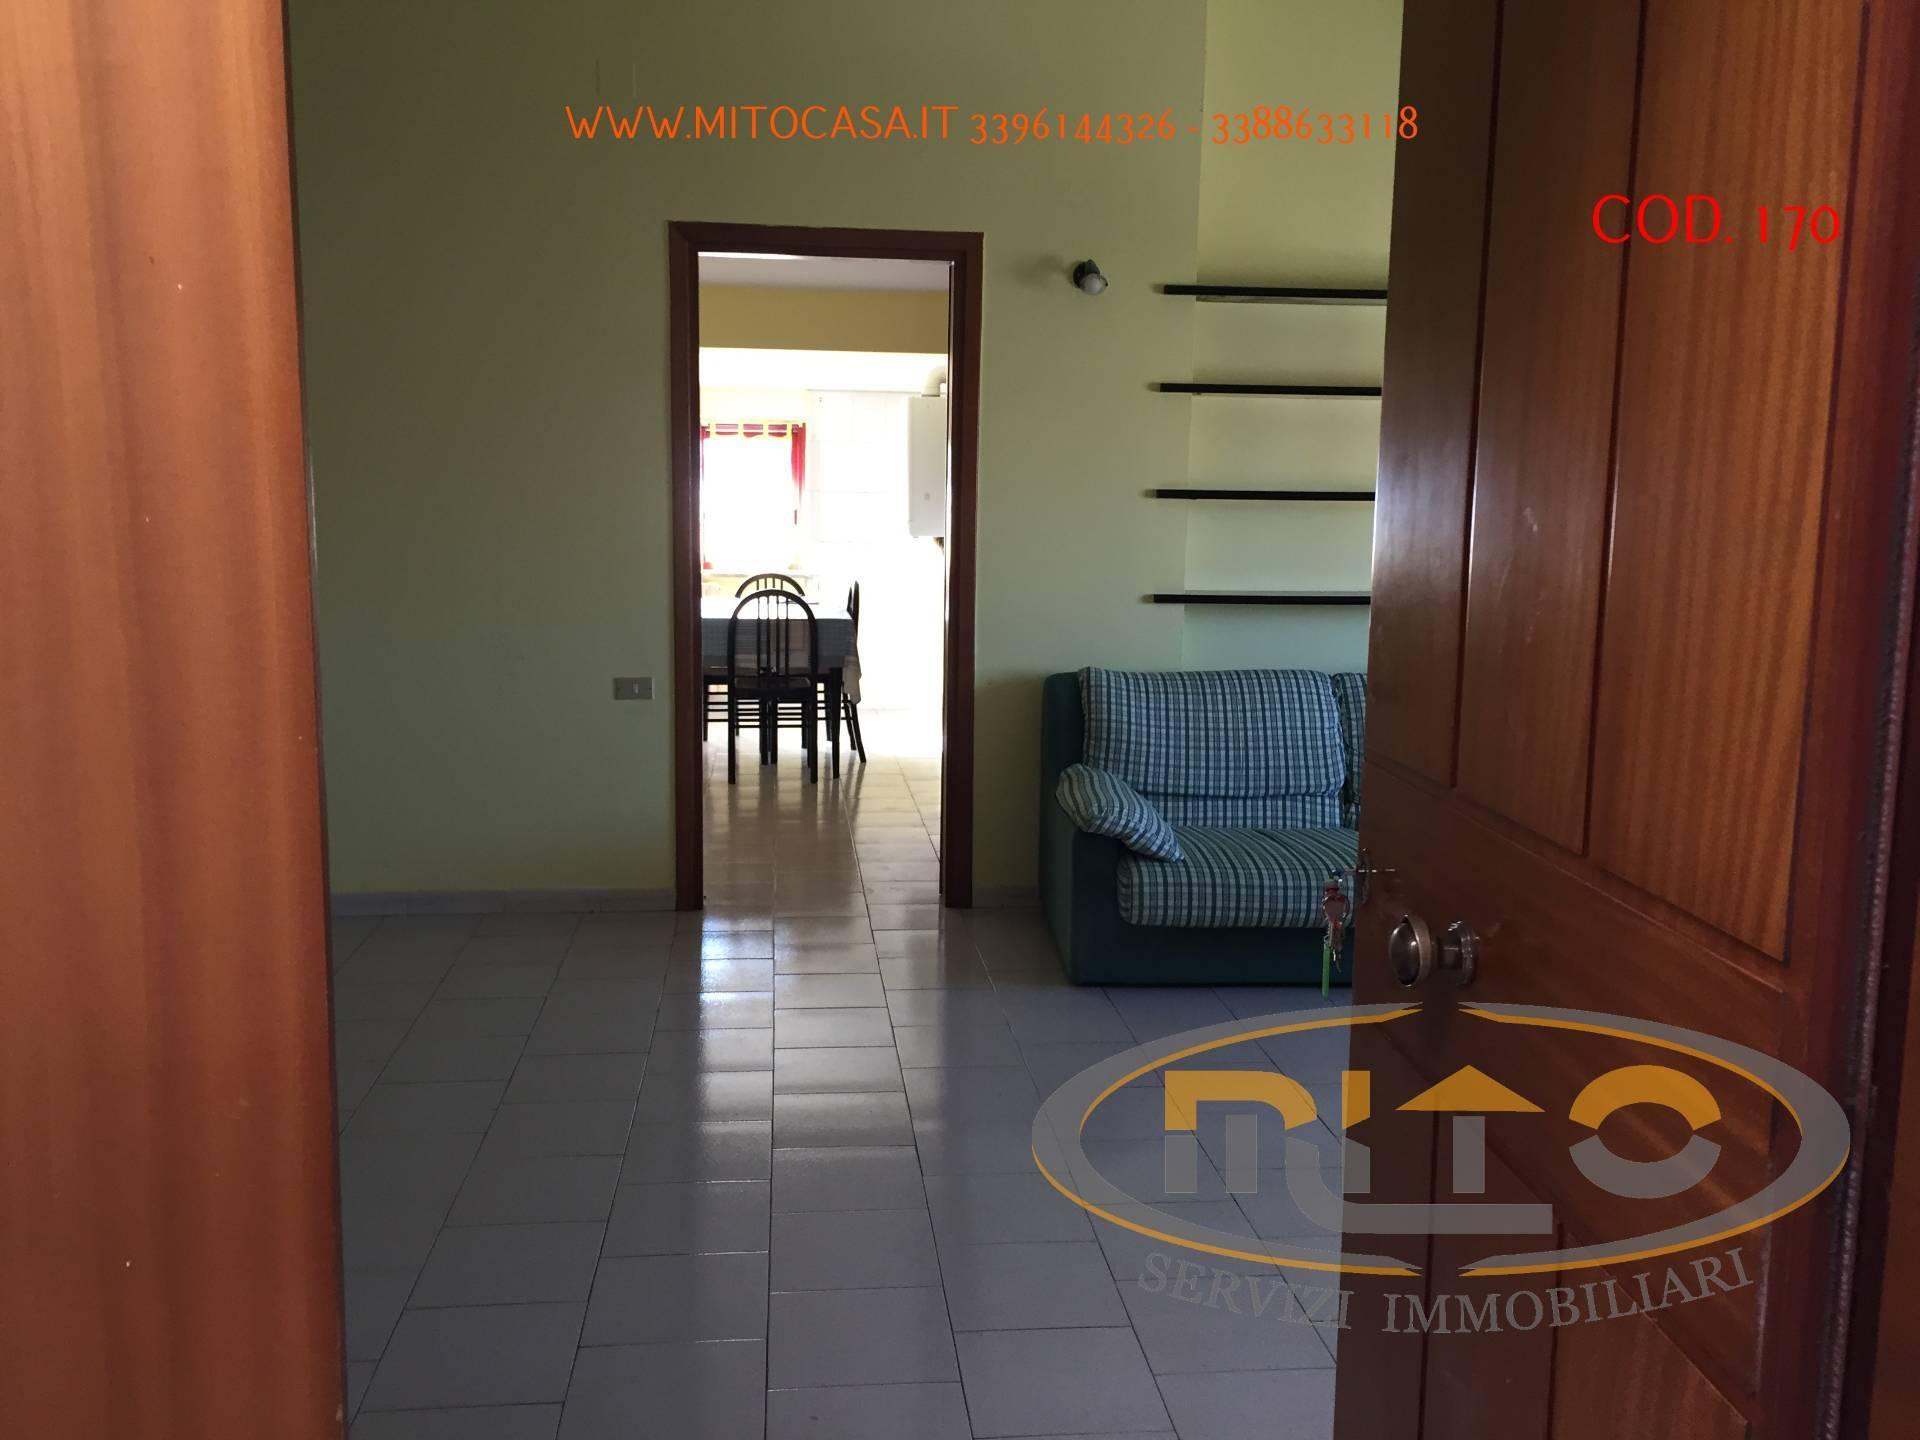 Appartamento in vendita a Telese Terme, 5 locali, prezzo € 79.000 | CambioCasa.it